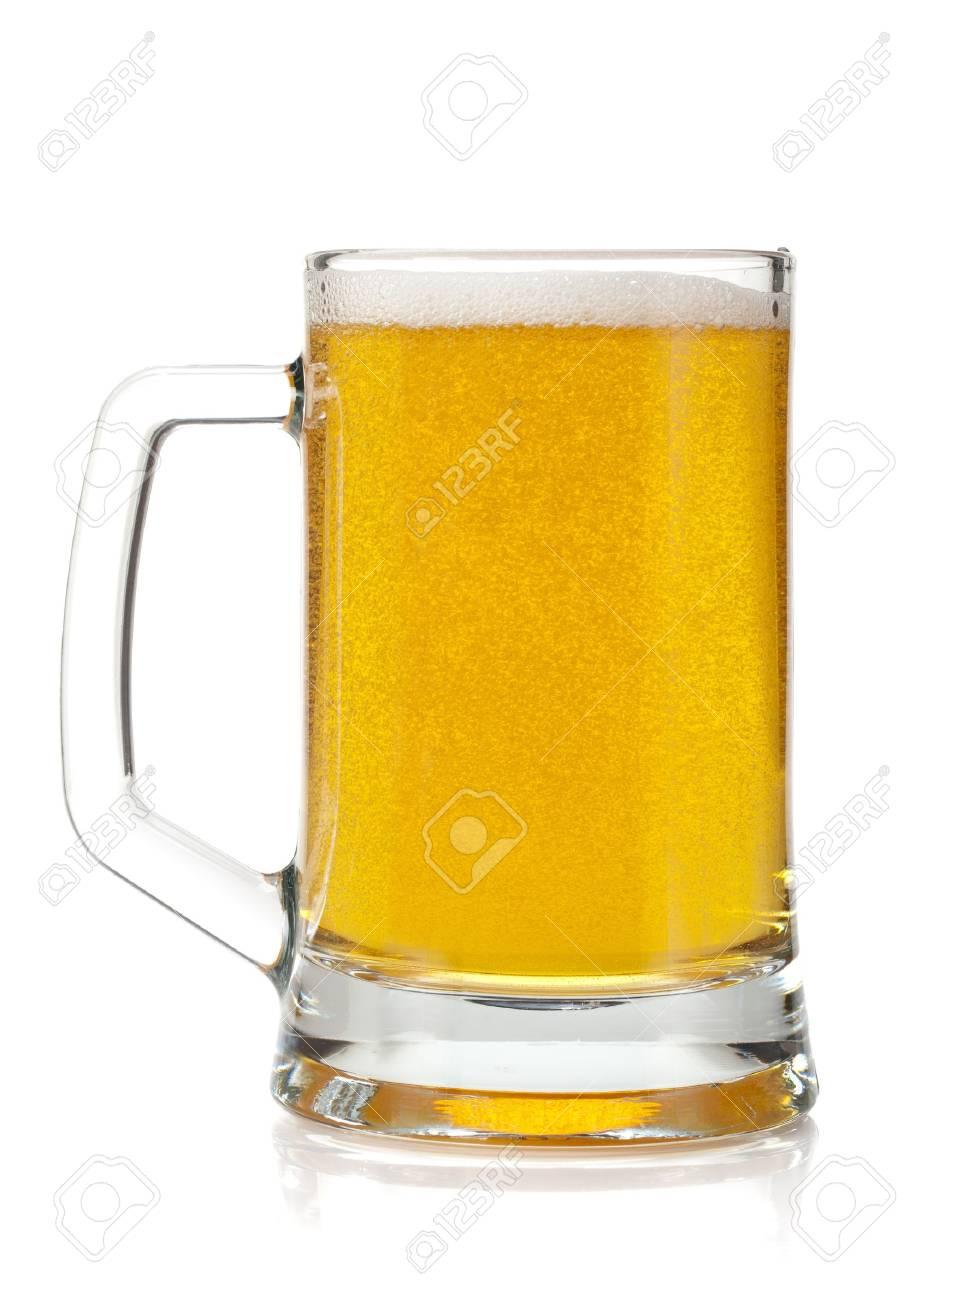 Beer mug  Isolated on white background Stock Photo - 15483714